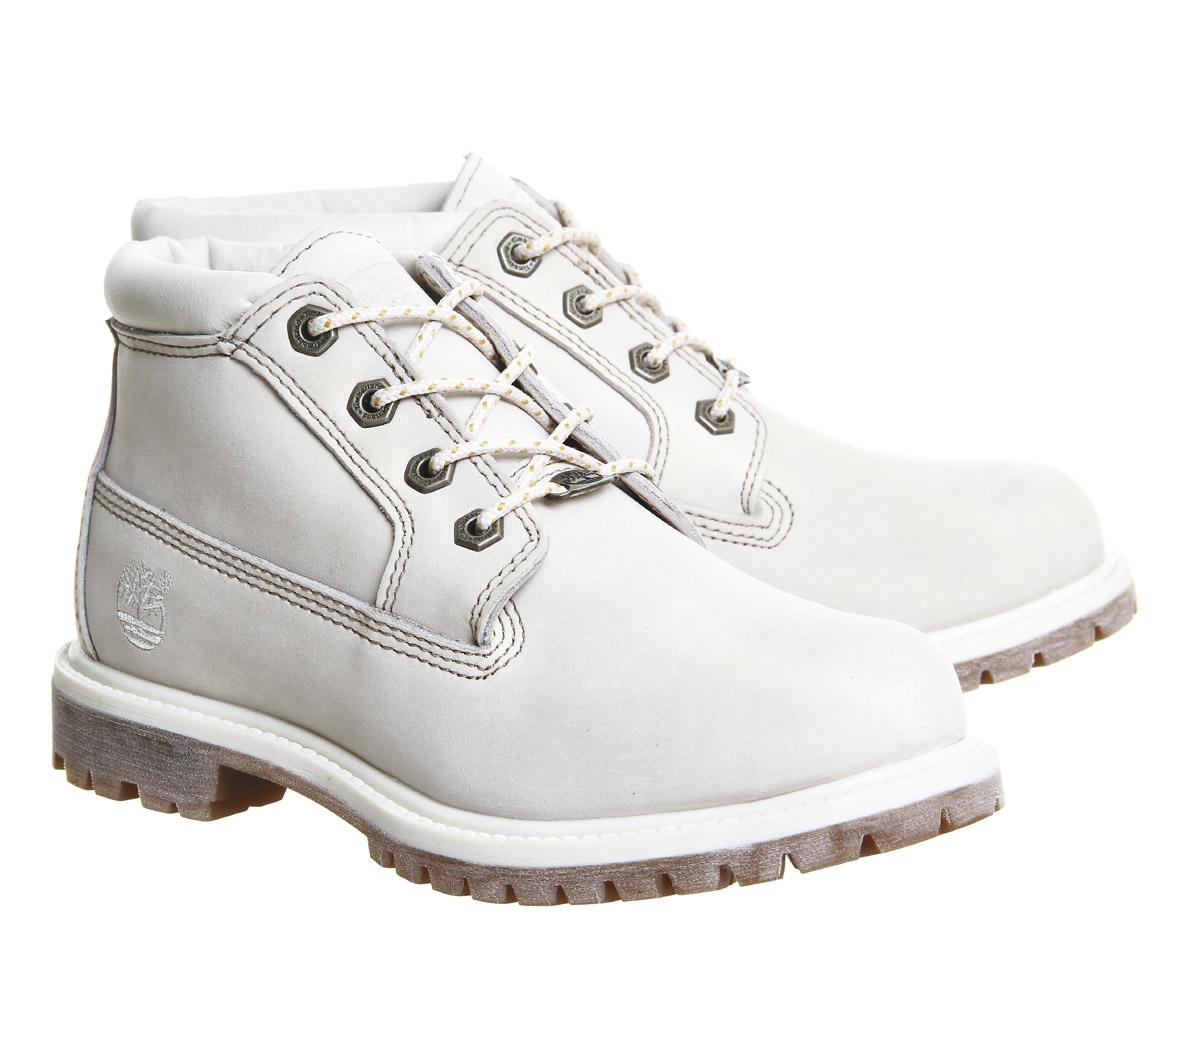 timberland nellie chukka waterproof boots in white